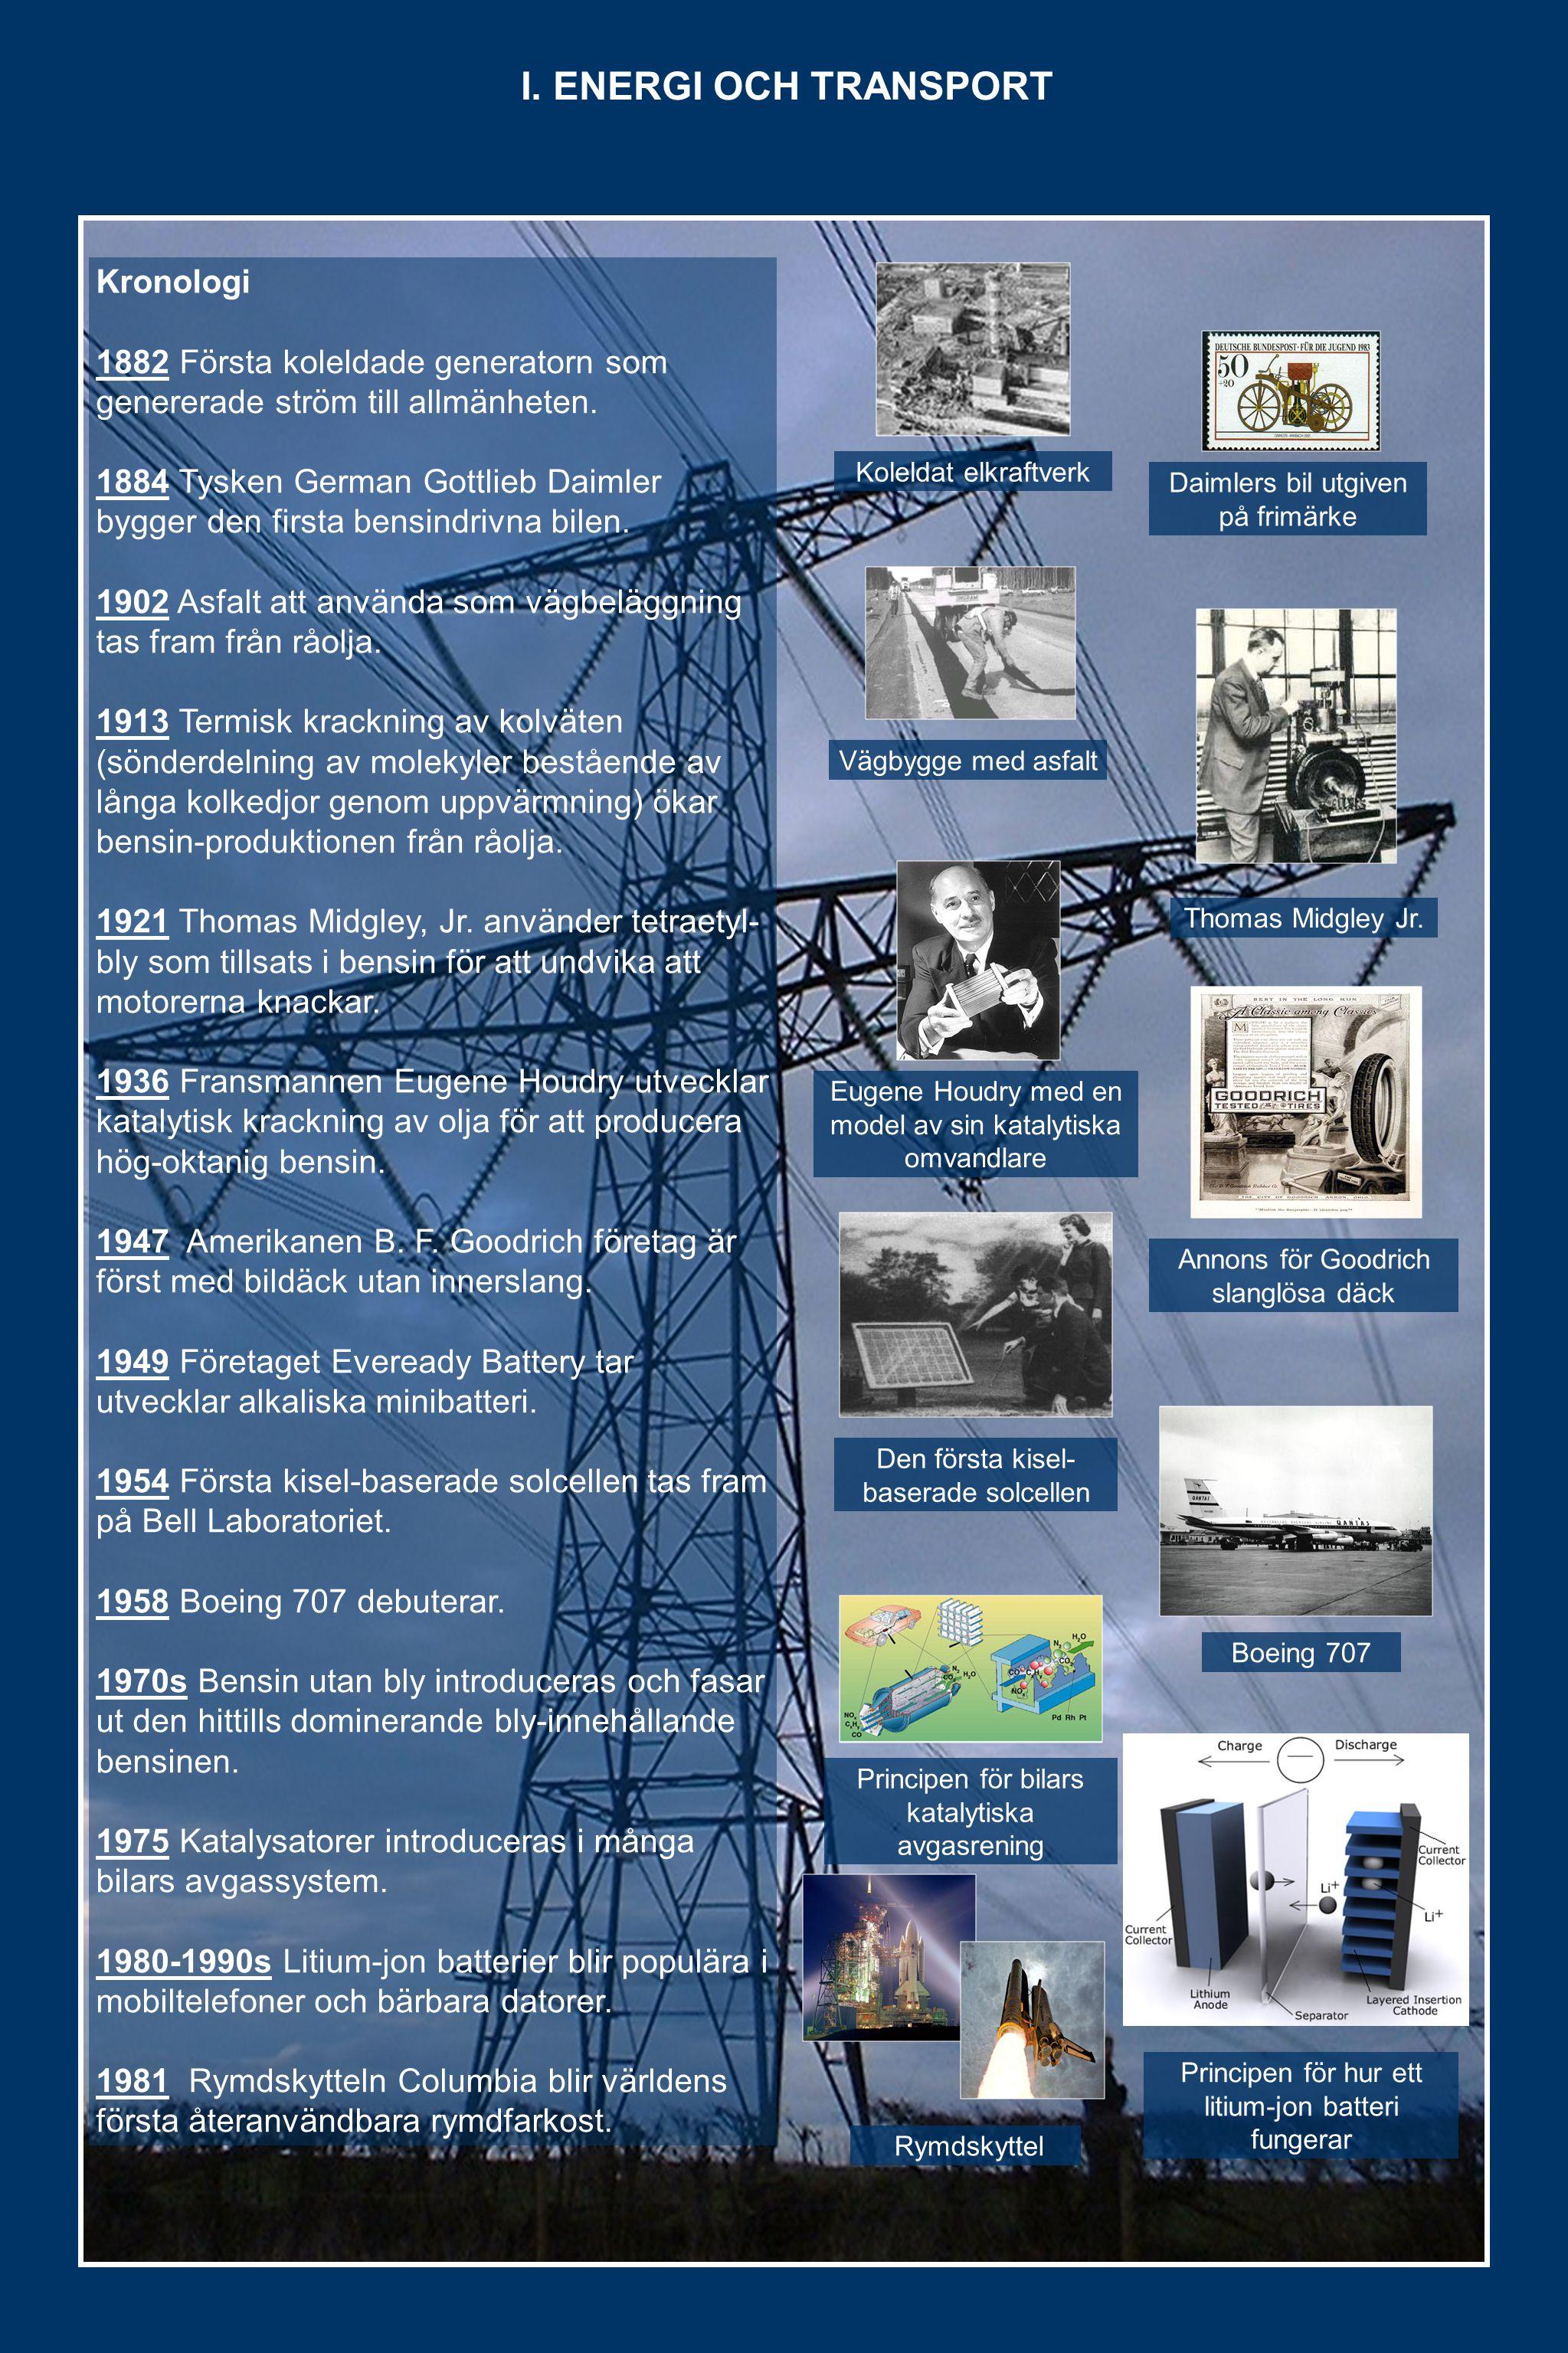 Kronologi 1882 Första koleldade generatorn som genererade ström till allmänheten.